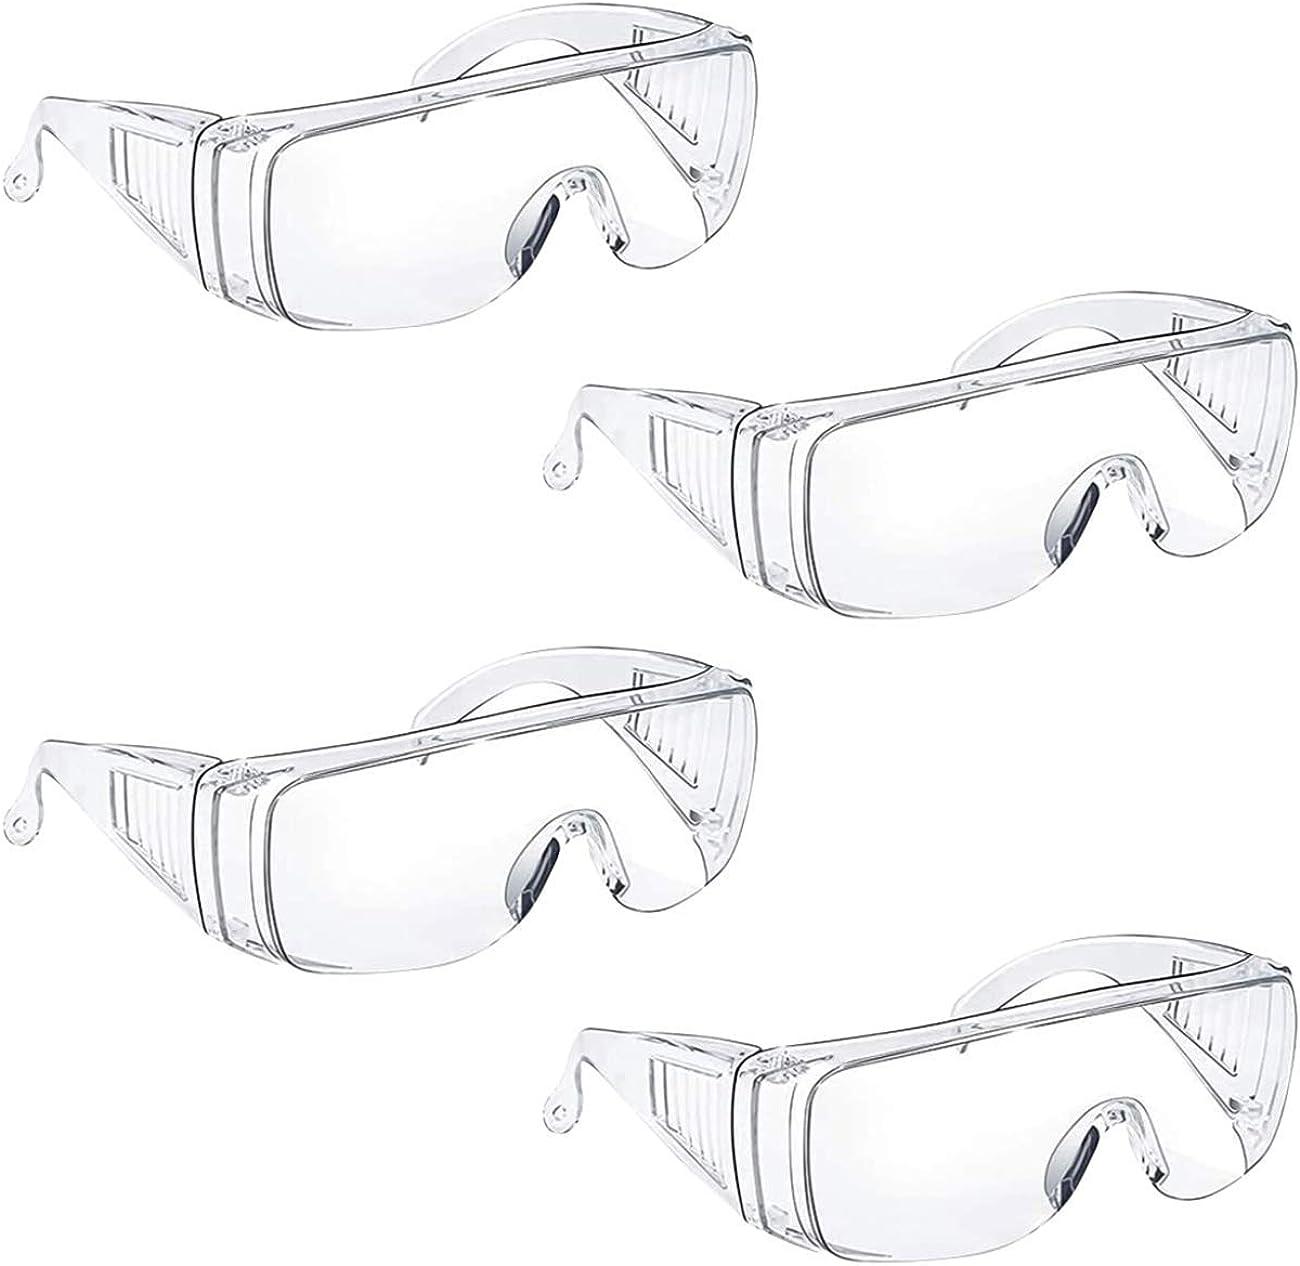 LERT 4 piezas gafas transparentes de protección ocular protección ocular antisaliva gafas de seguridad gafas de uso / antivaho / antipolvo / interior / exterior / laboratorio (transparente)